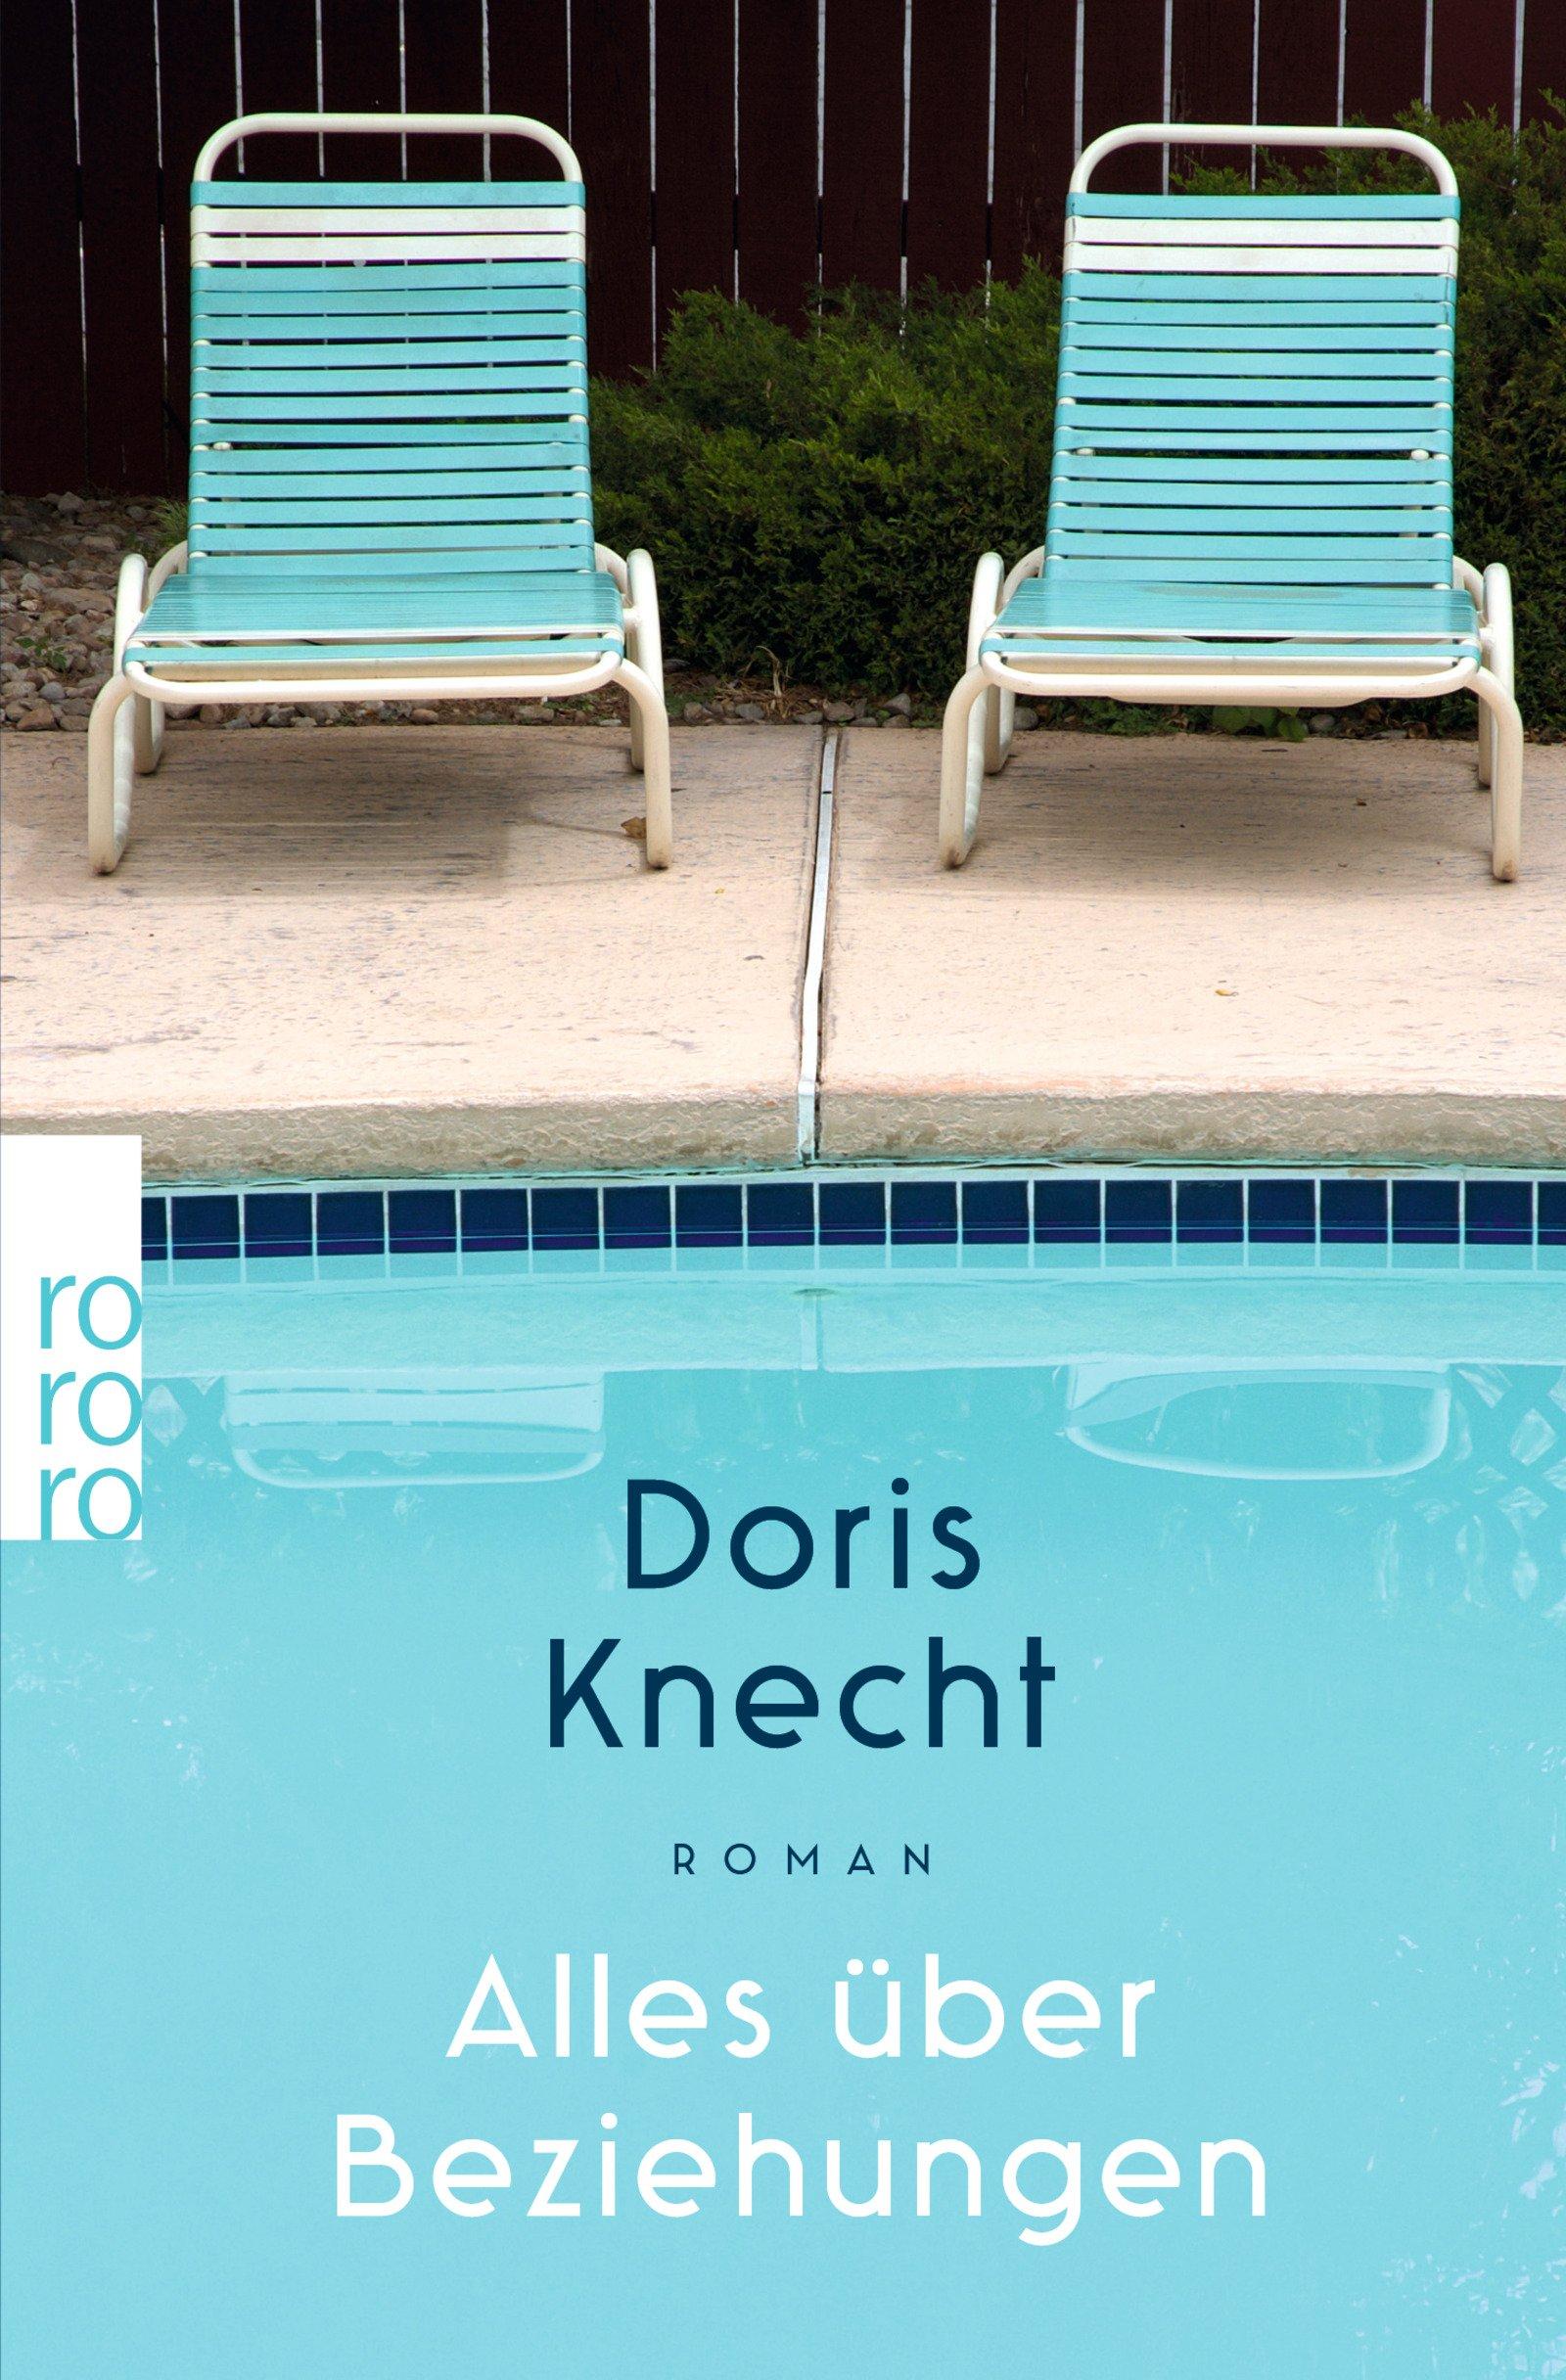 Alles über Beziehungen Taschenbuch – 24. Juli 2018 Doris Knecht Alles über Beziehungen Rowohlt Taschenbuch 3499272857